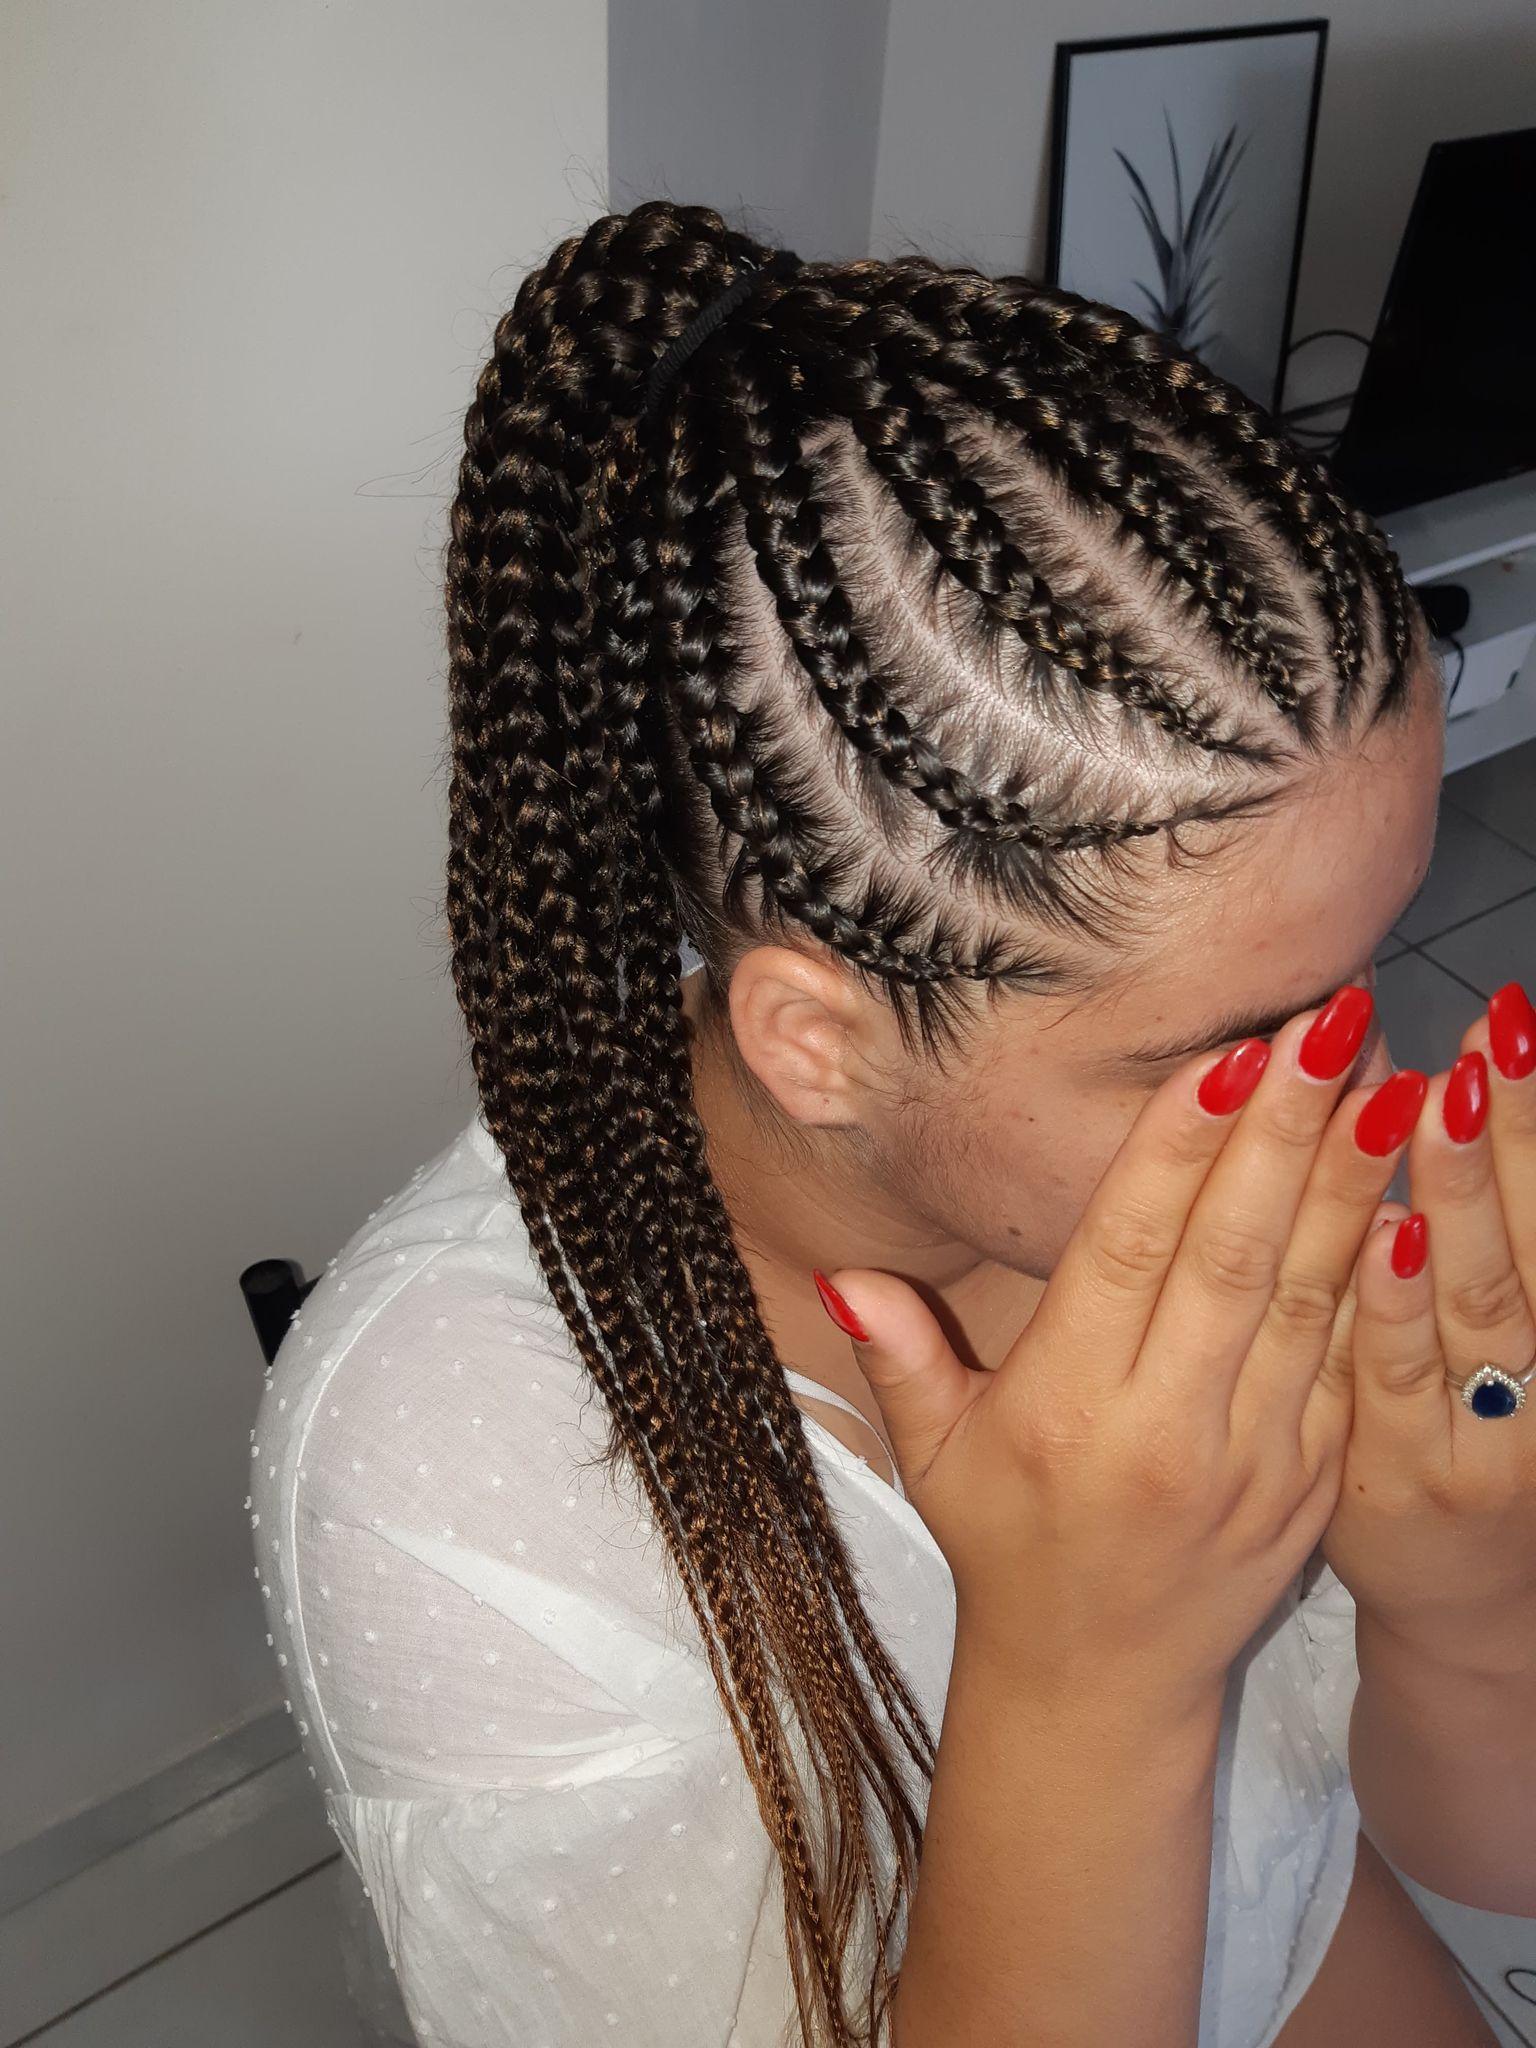 salon de coiffure afro tresse tresses box braids crochet braids vanilles tissages paris 75 77 78 91 92 93 94 95 GSTSWCQX